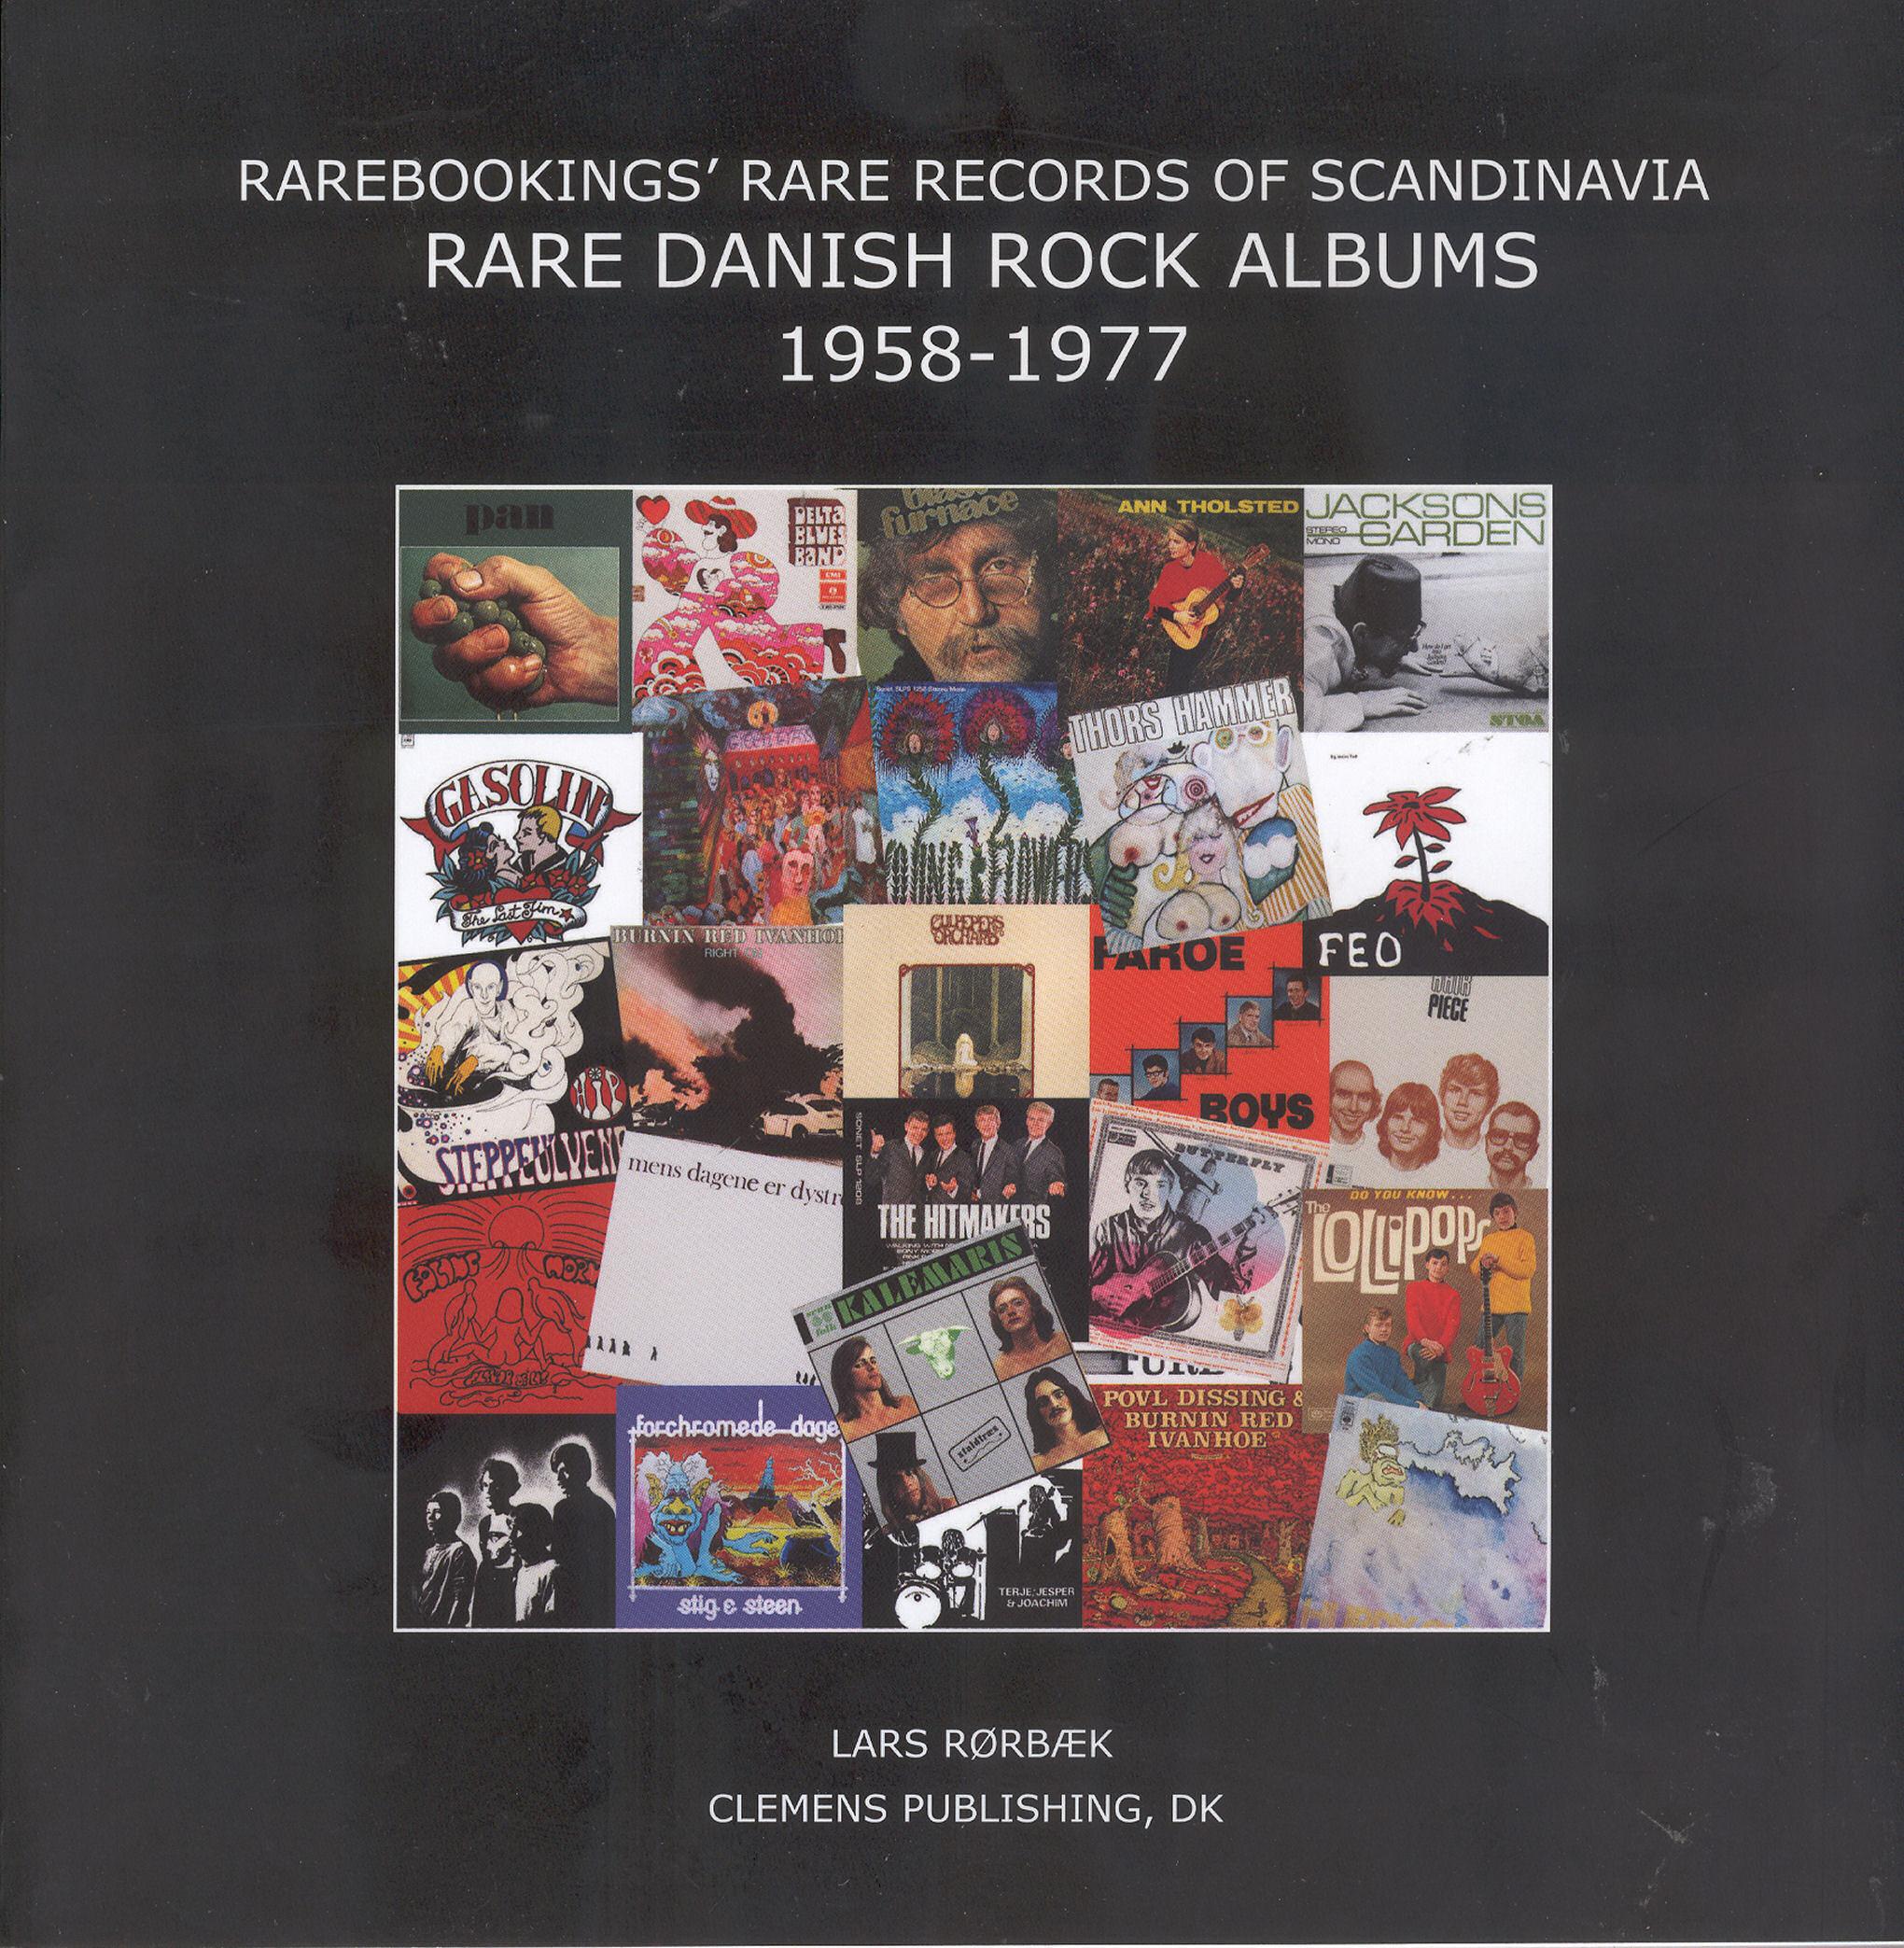 lars rørbæk rare danish rock albums rarebookings